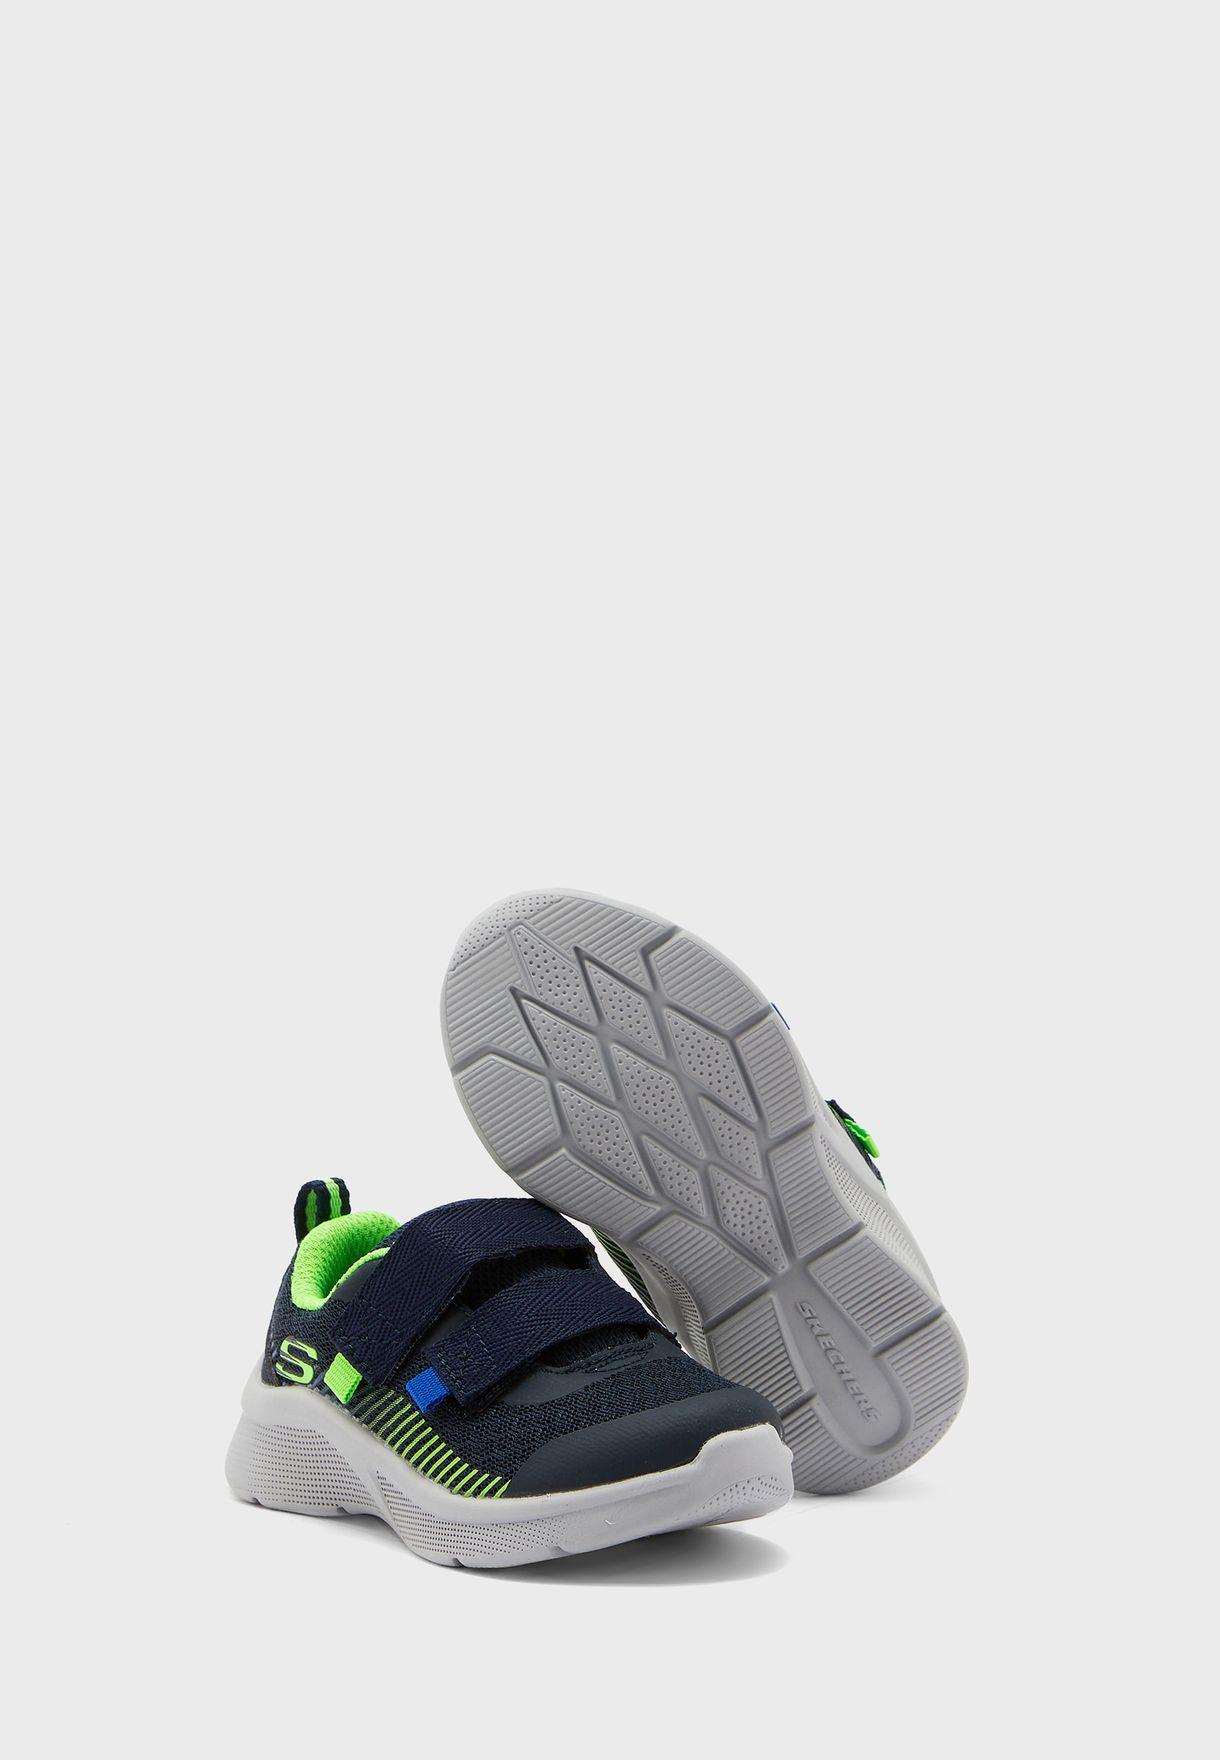 حذاء مايكروسبيك